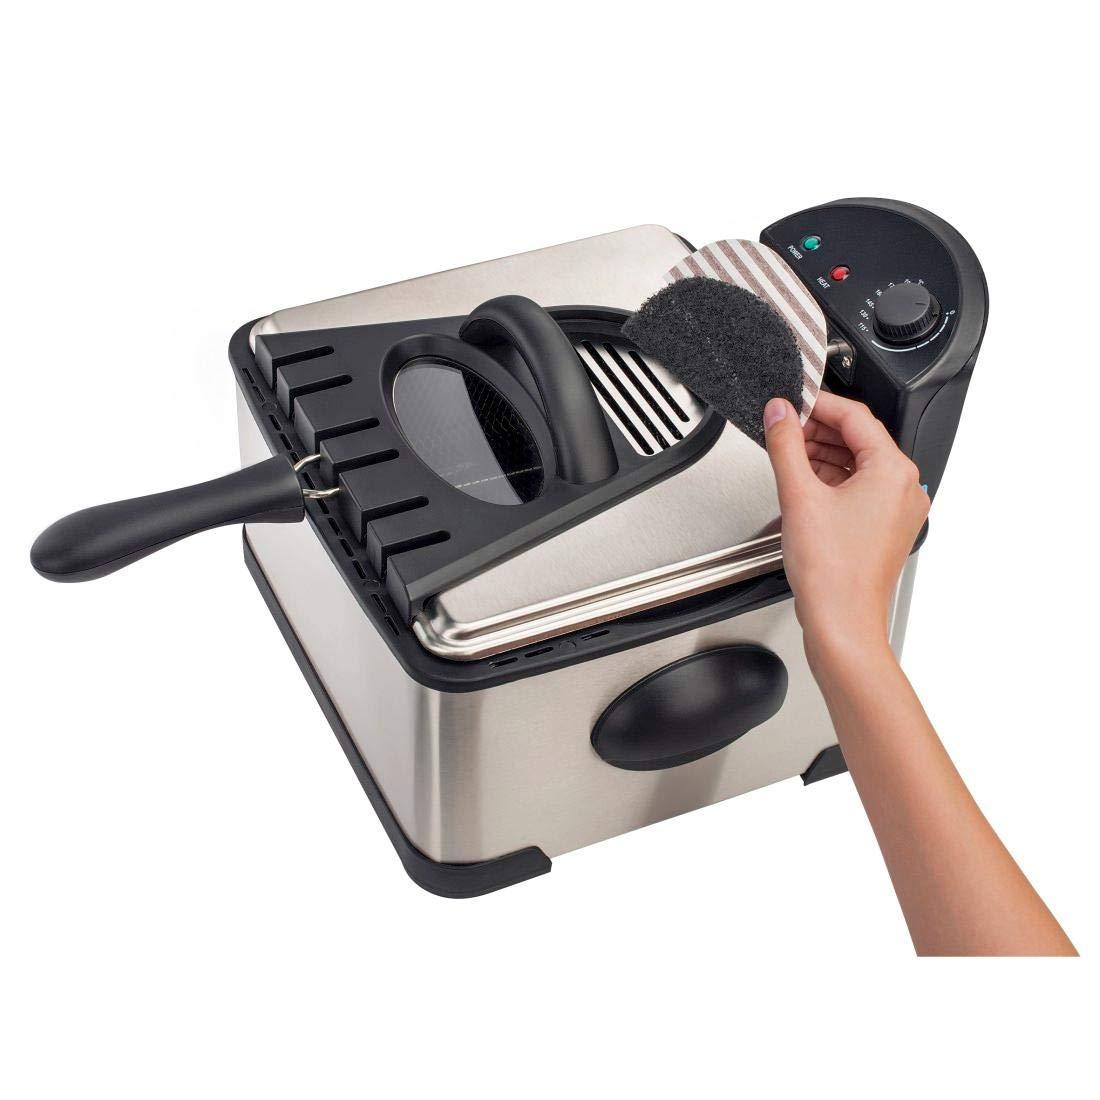 Xavax 00110872 - Filtro universal para freidoras: Amazon.es: Grandes electrodomésticos